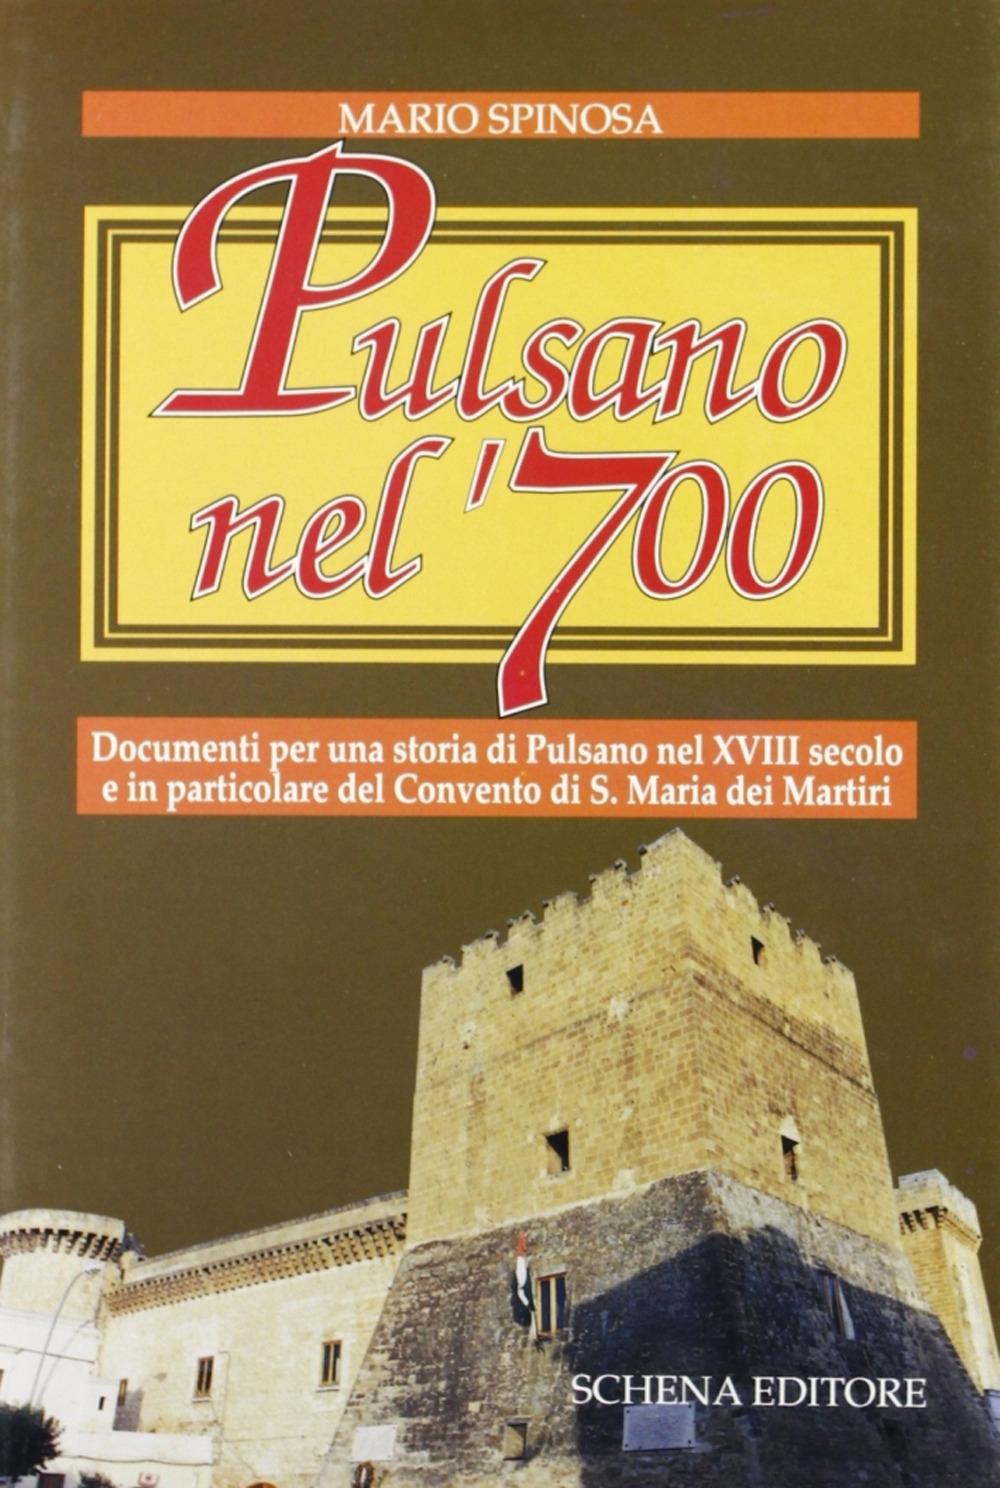 Pulsano nel '700. Documenti per una storia di Pulsano nel XVIII secolo e in particolare del Convento di S. Maria dei Martiri